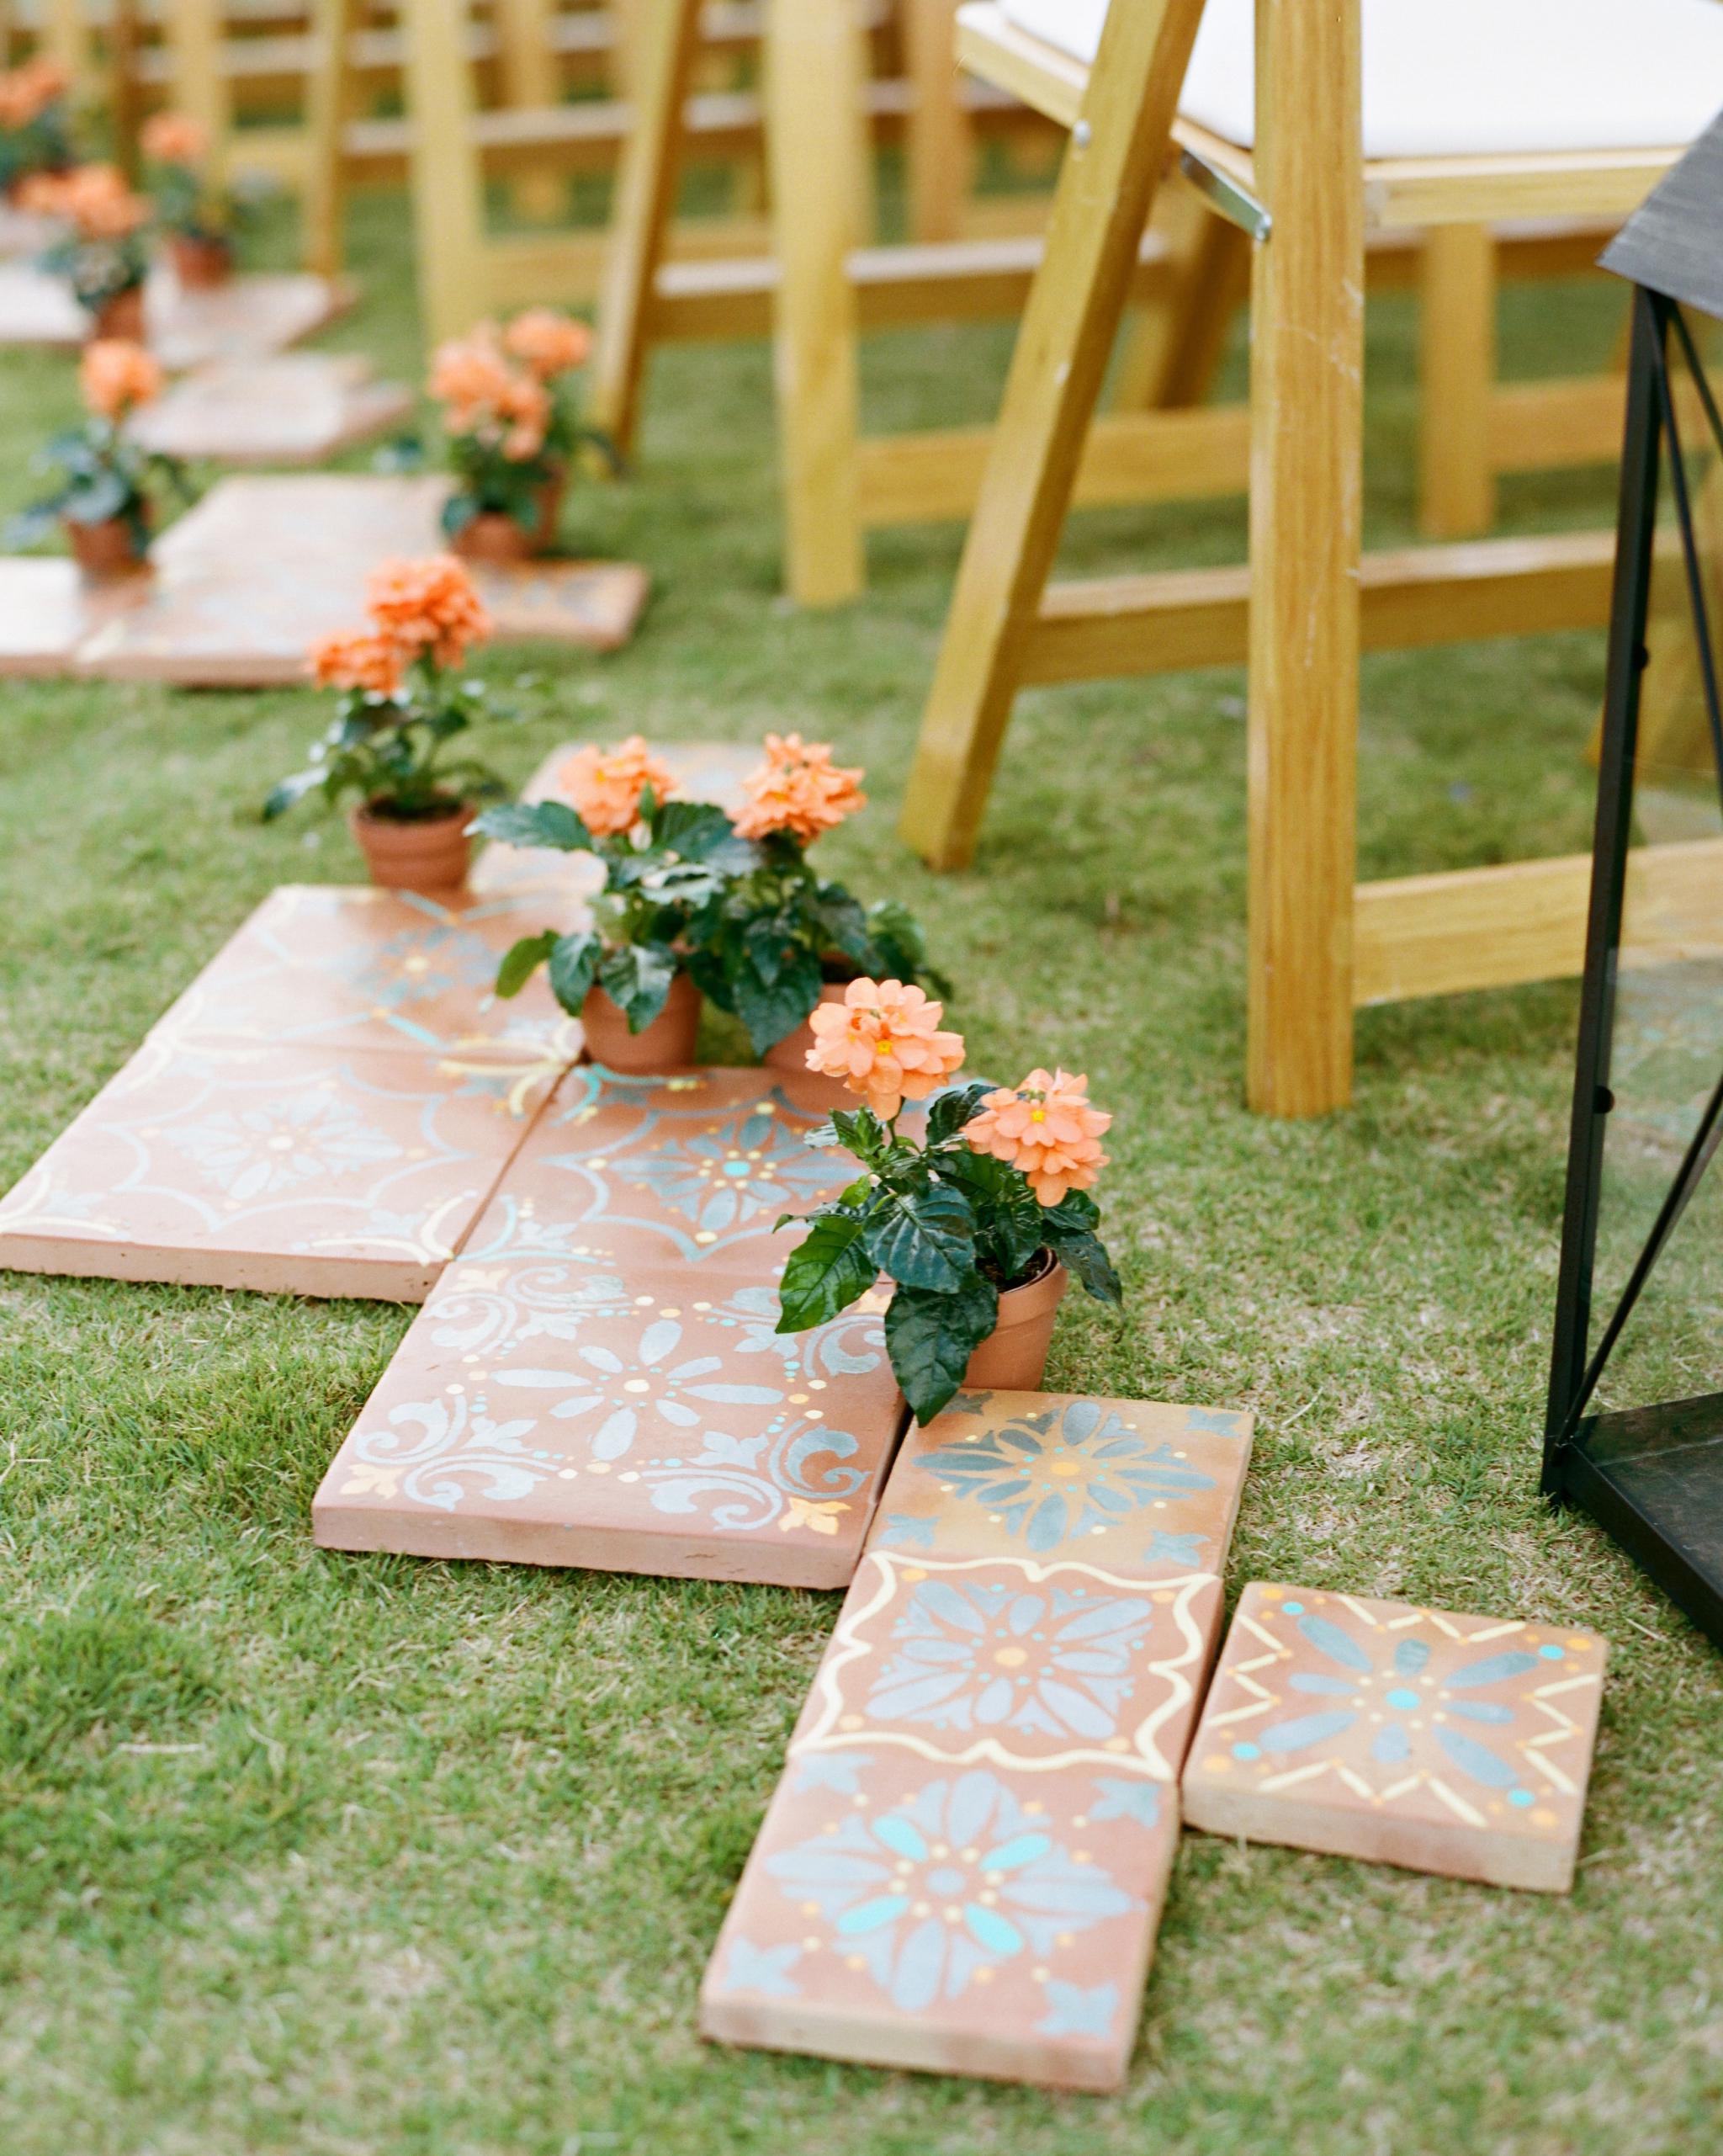 liz-allen-wedding-tiles-0270-s111494-0914.jpg